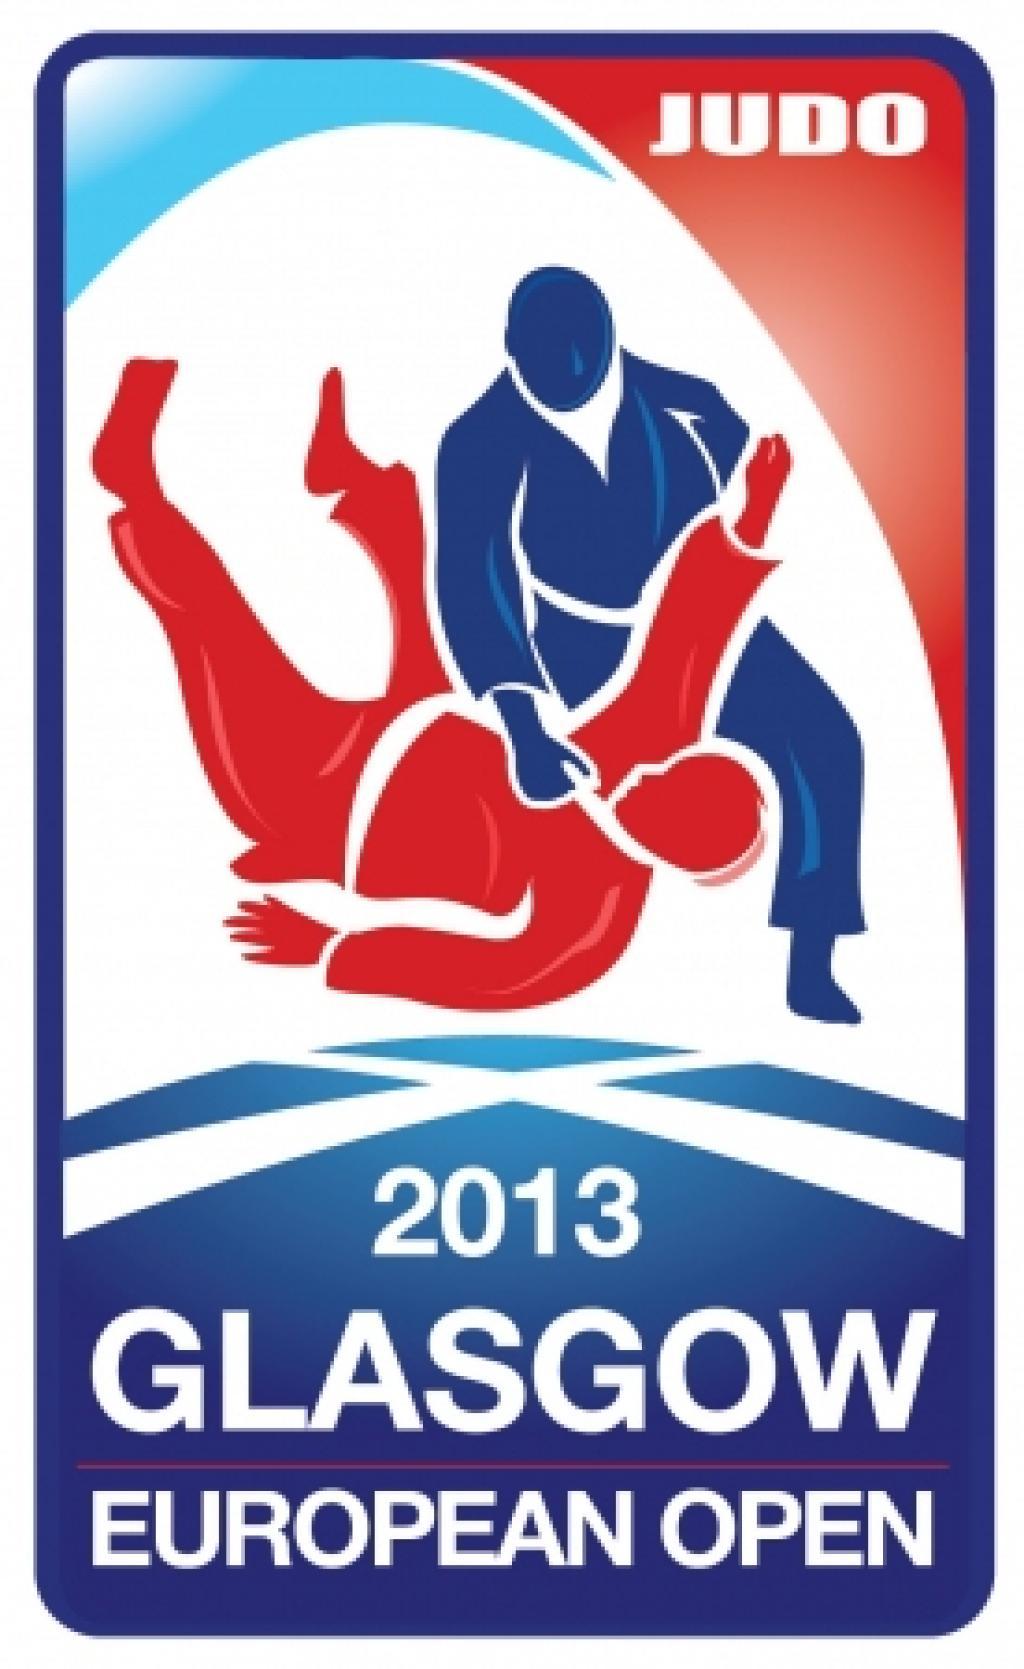 Glasgow ready to host the European Open